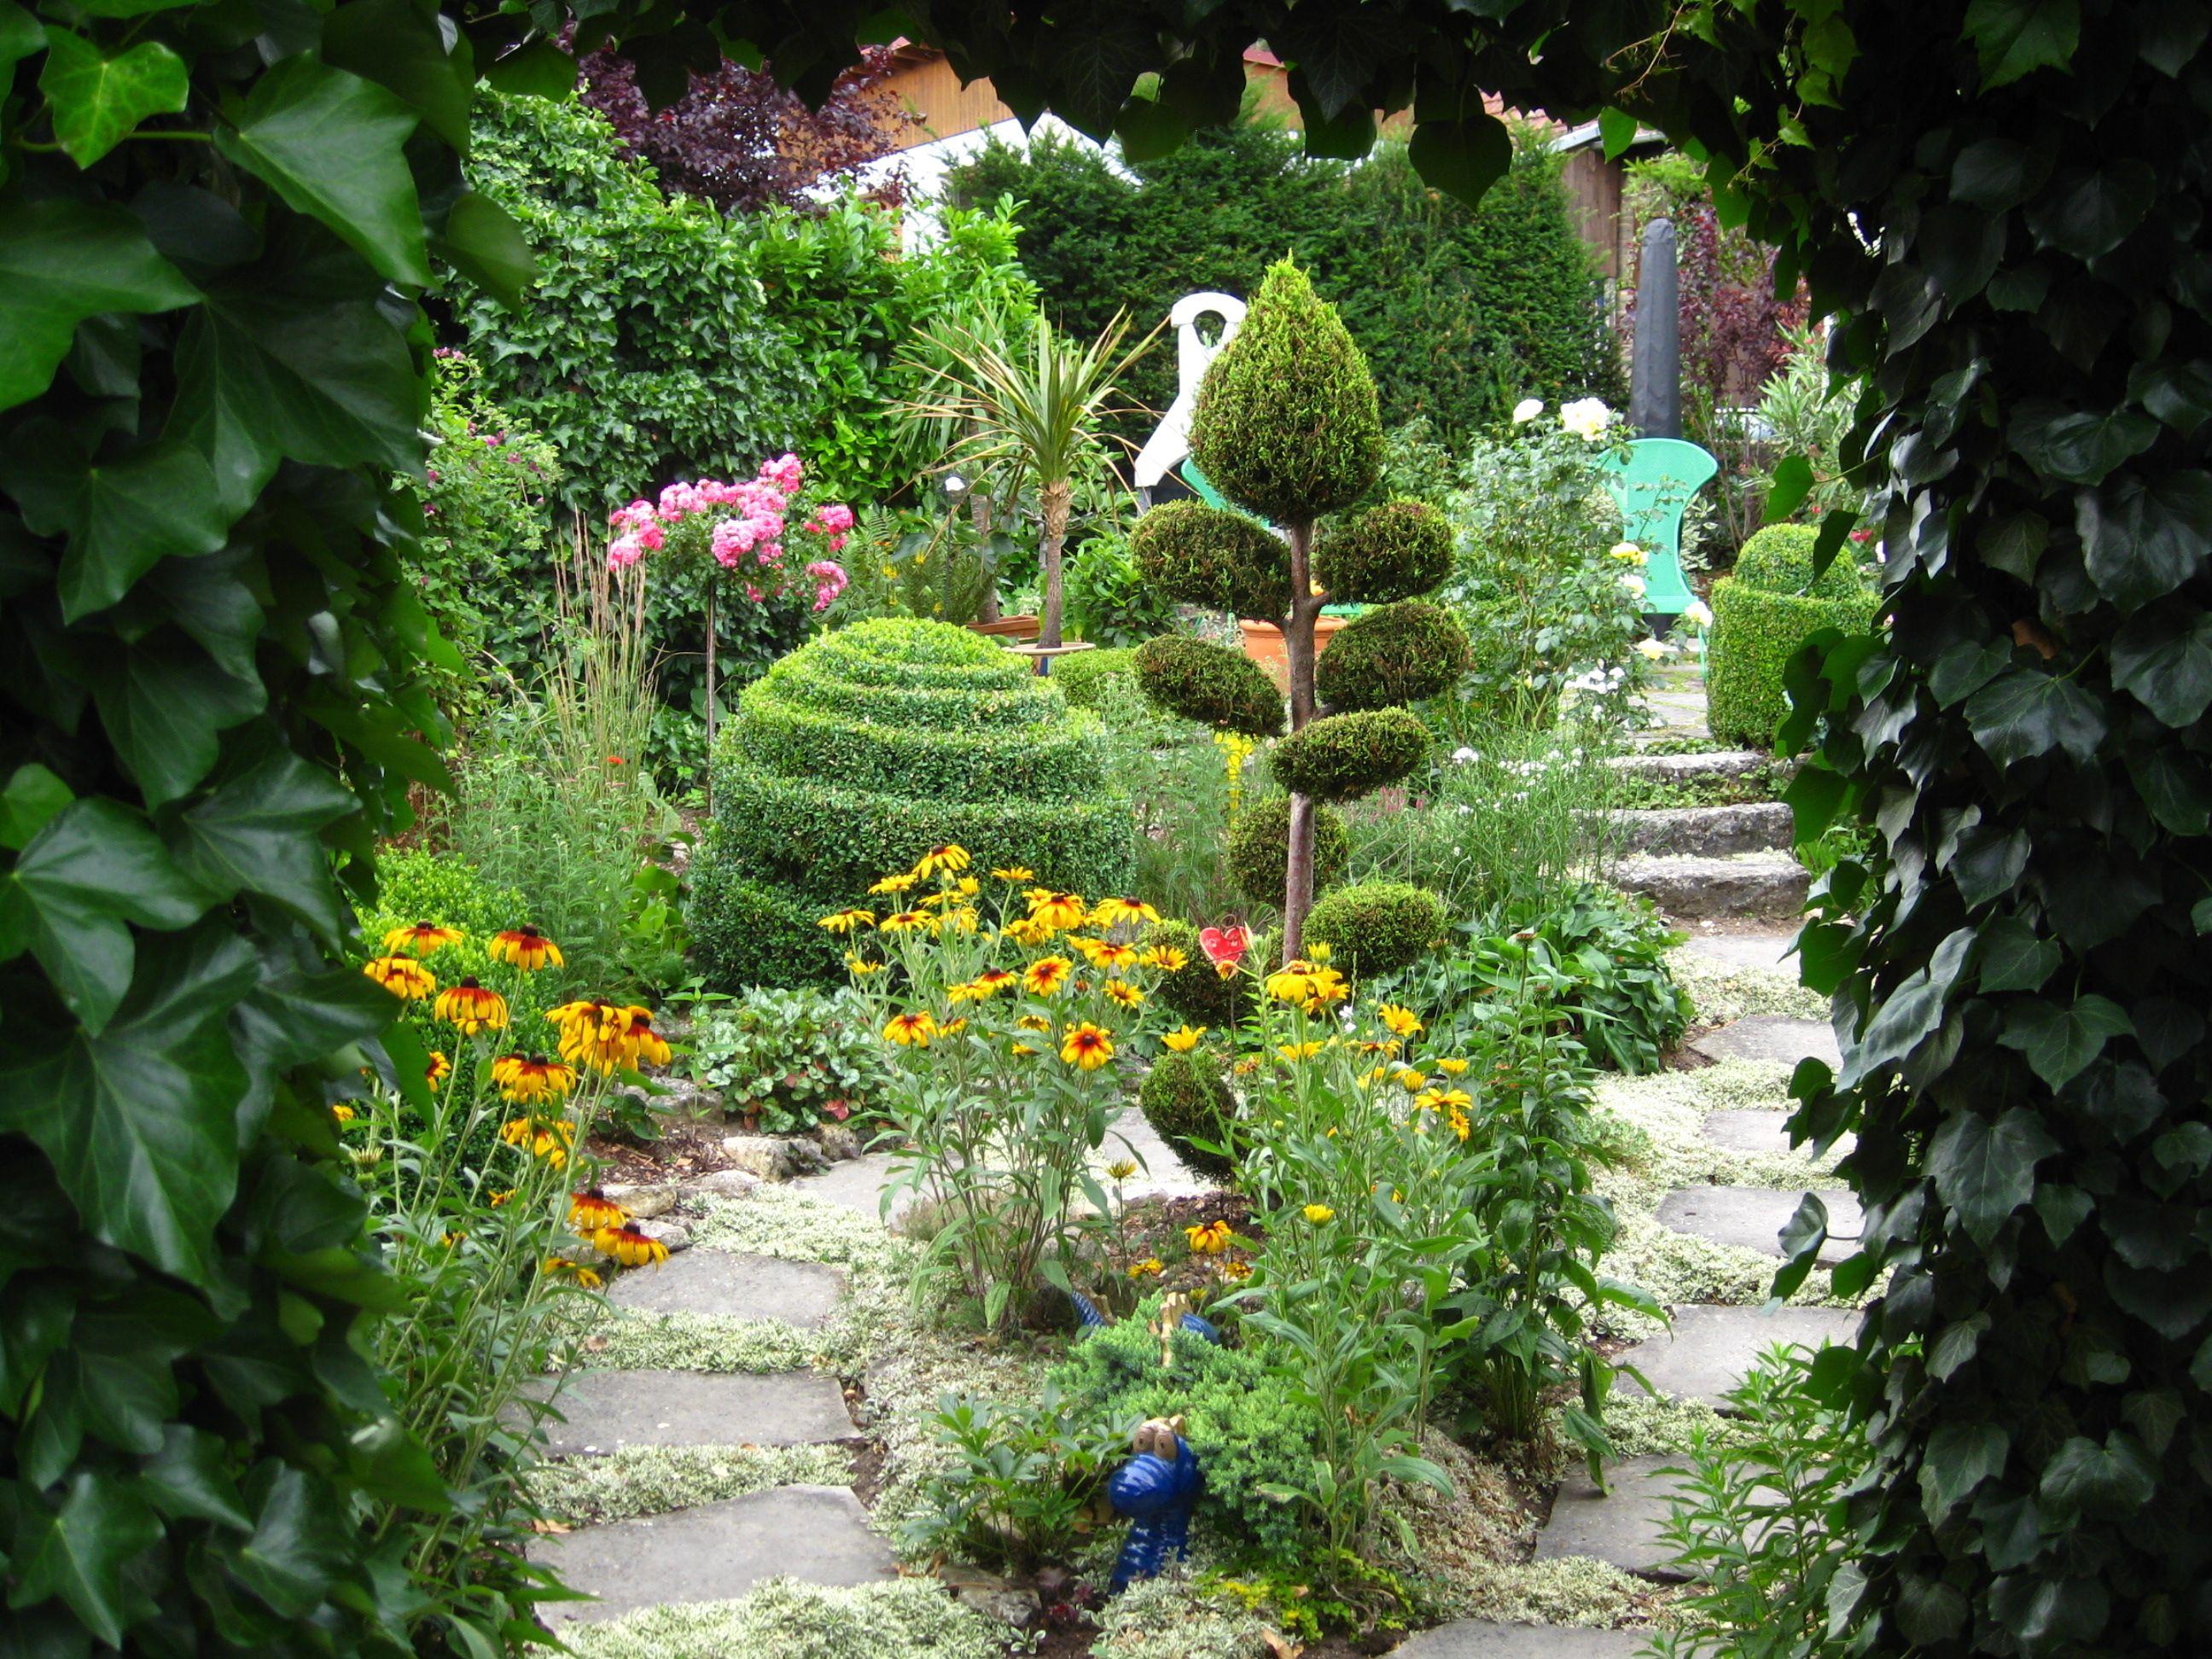 Inspirierend Pflegeleichter Garten Ohne Rasen Referenz Von 1000m² Rasen, Unser Staudenparadies Zum Entspannen Und